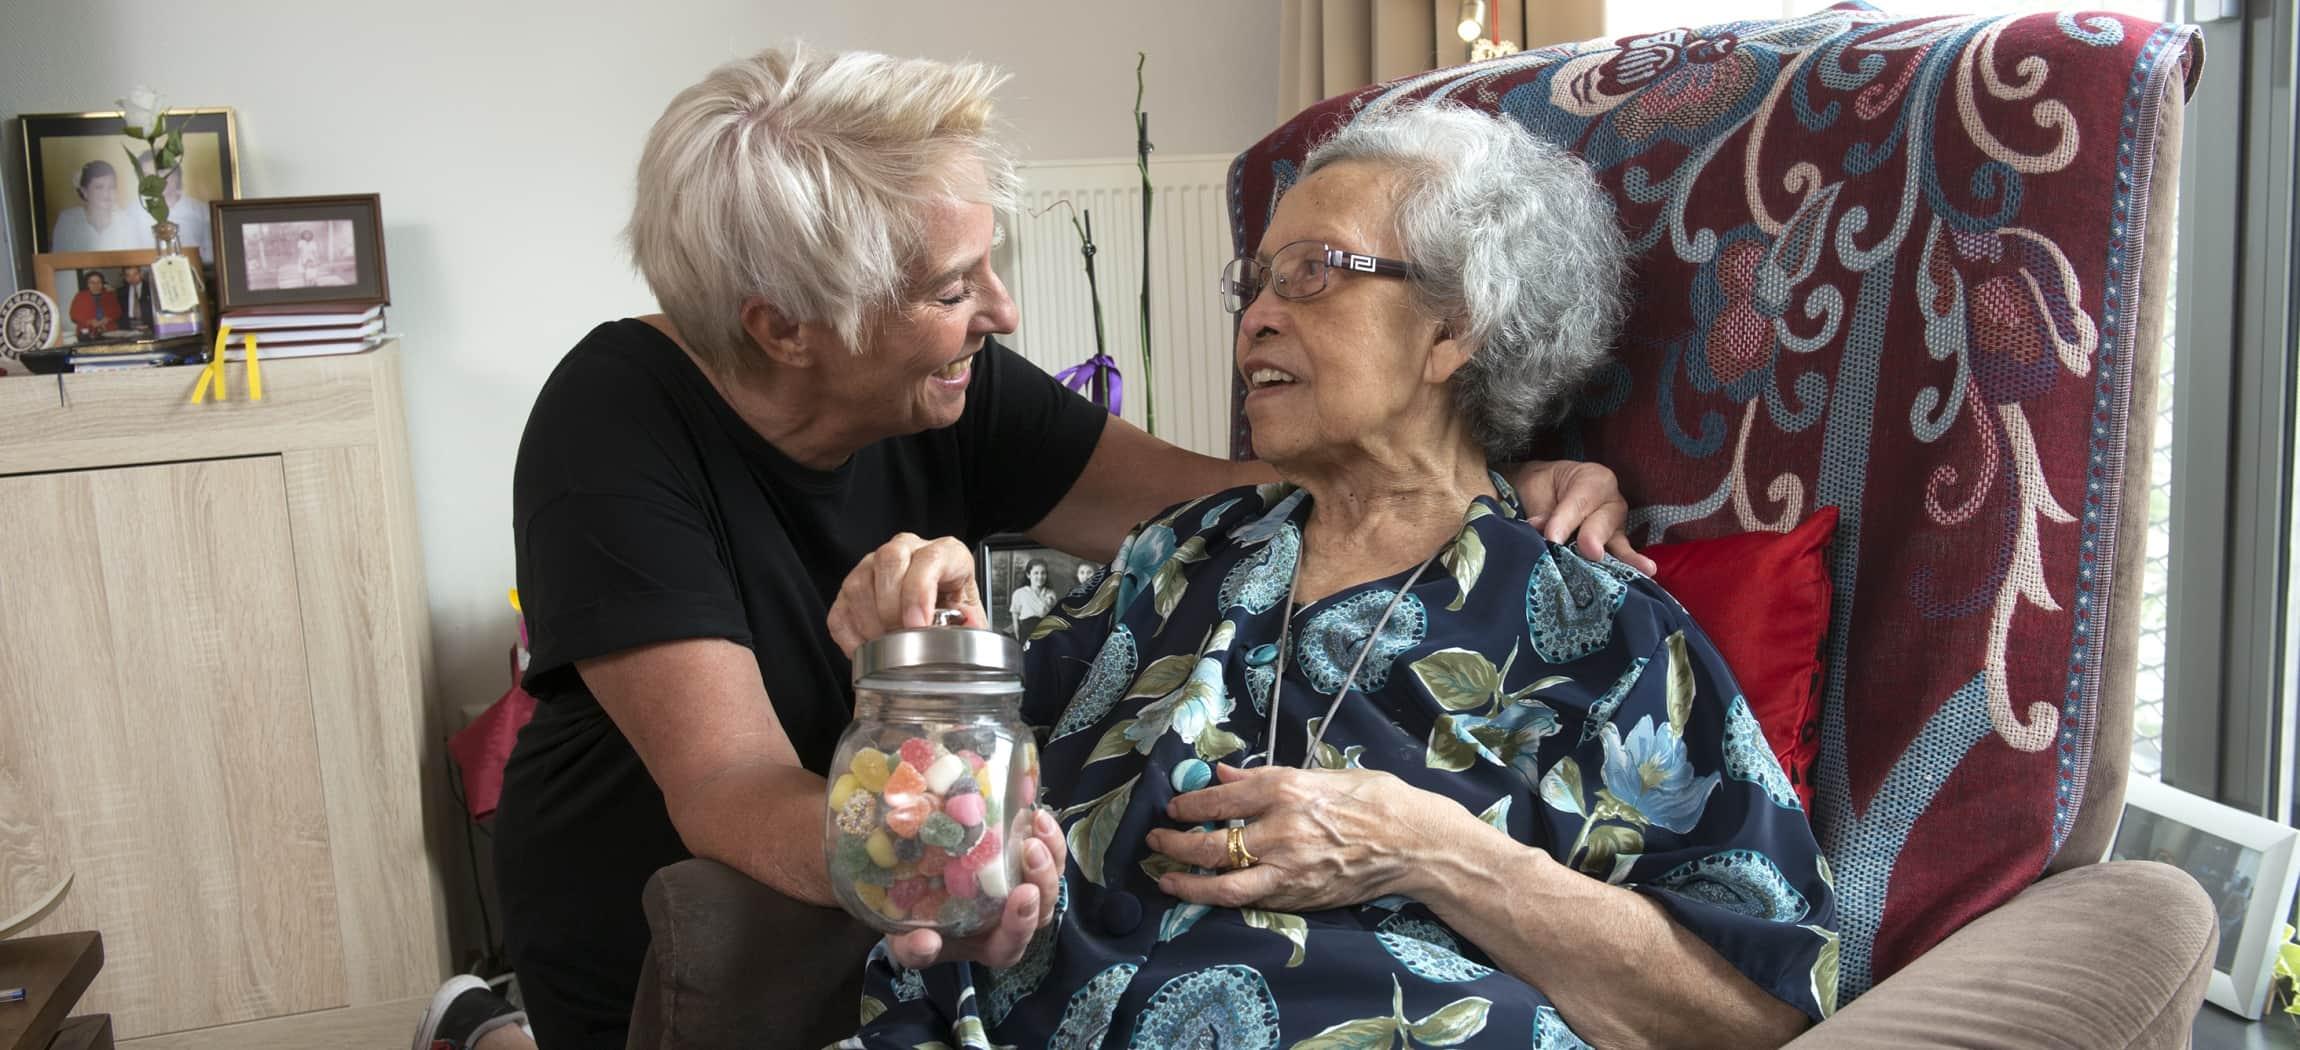 Indische oudere vrouw liefdevol omarmd